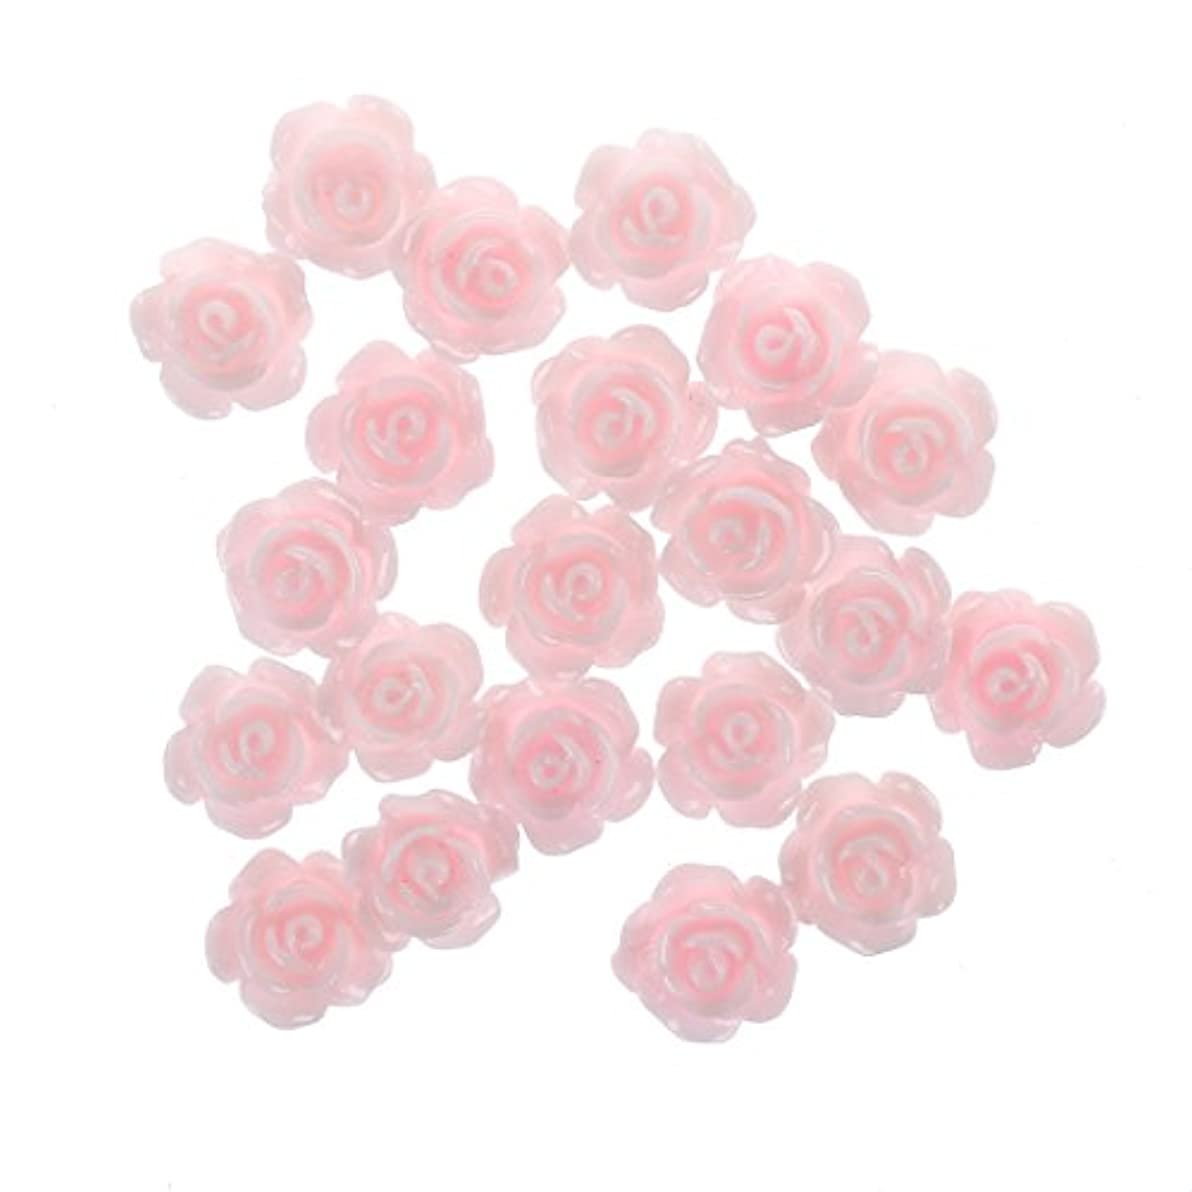 有料マーキング恐怖AFBEST 20x3Dピンクの小さいバラ ラインストーン付きネイルアート装飾